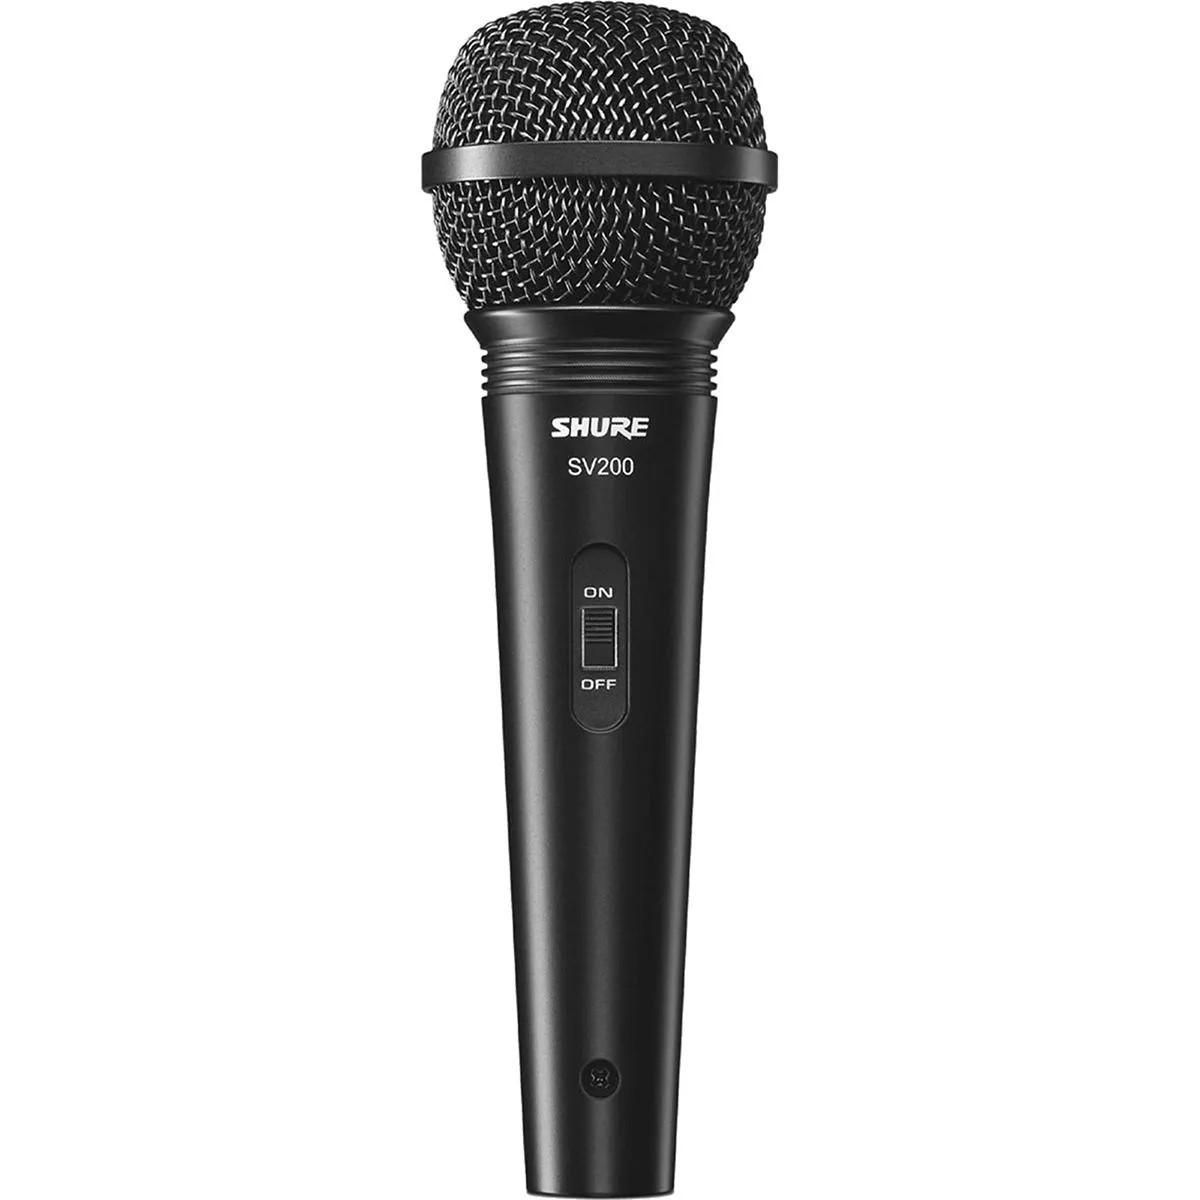 Microfone Dinâmico Shure SV200 com Fio